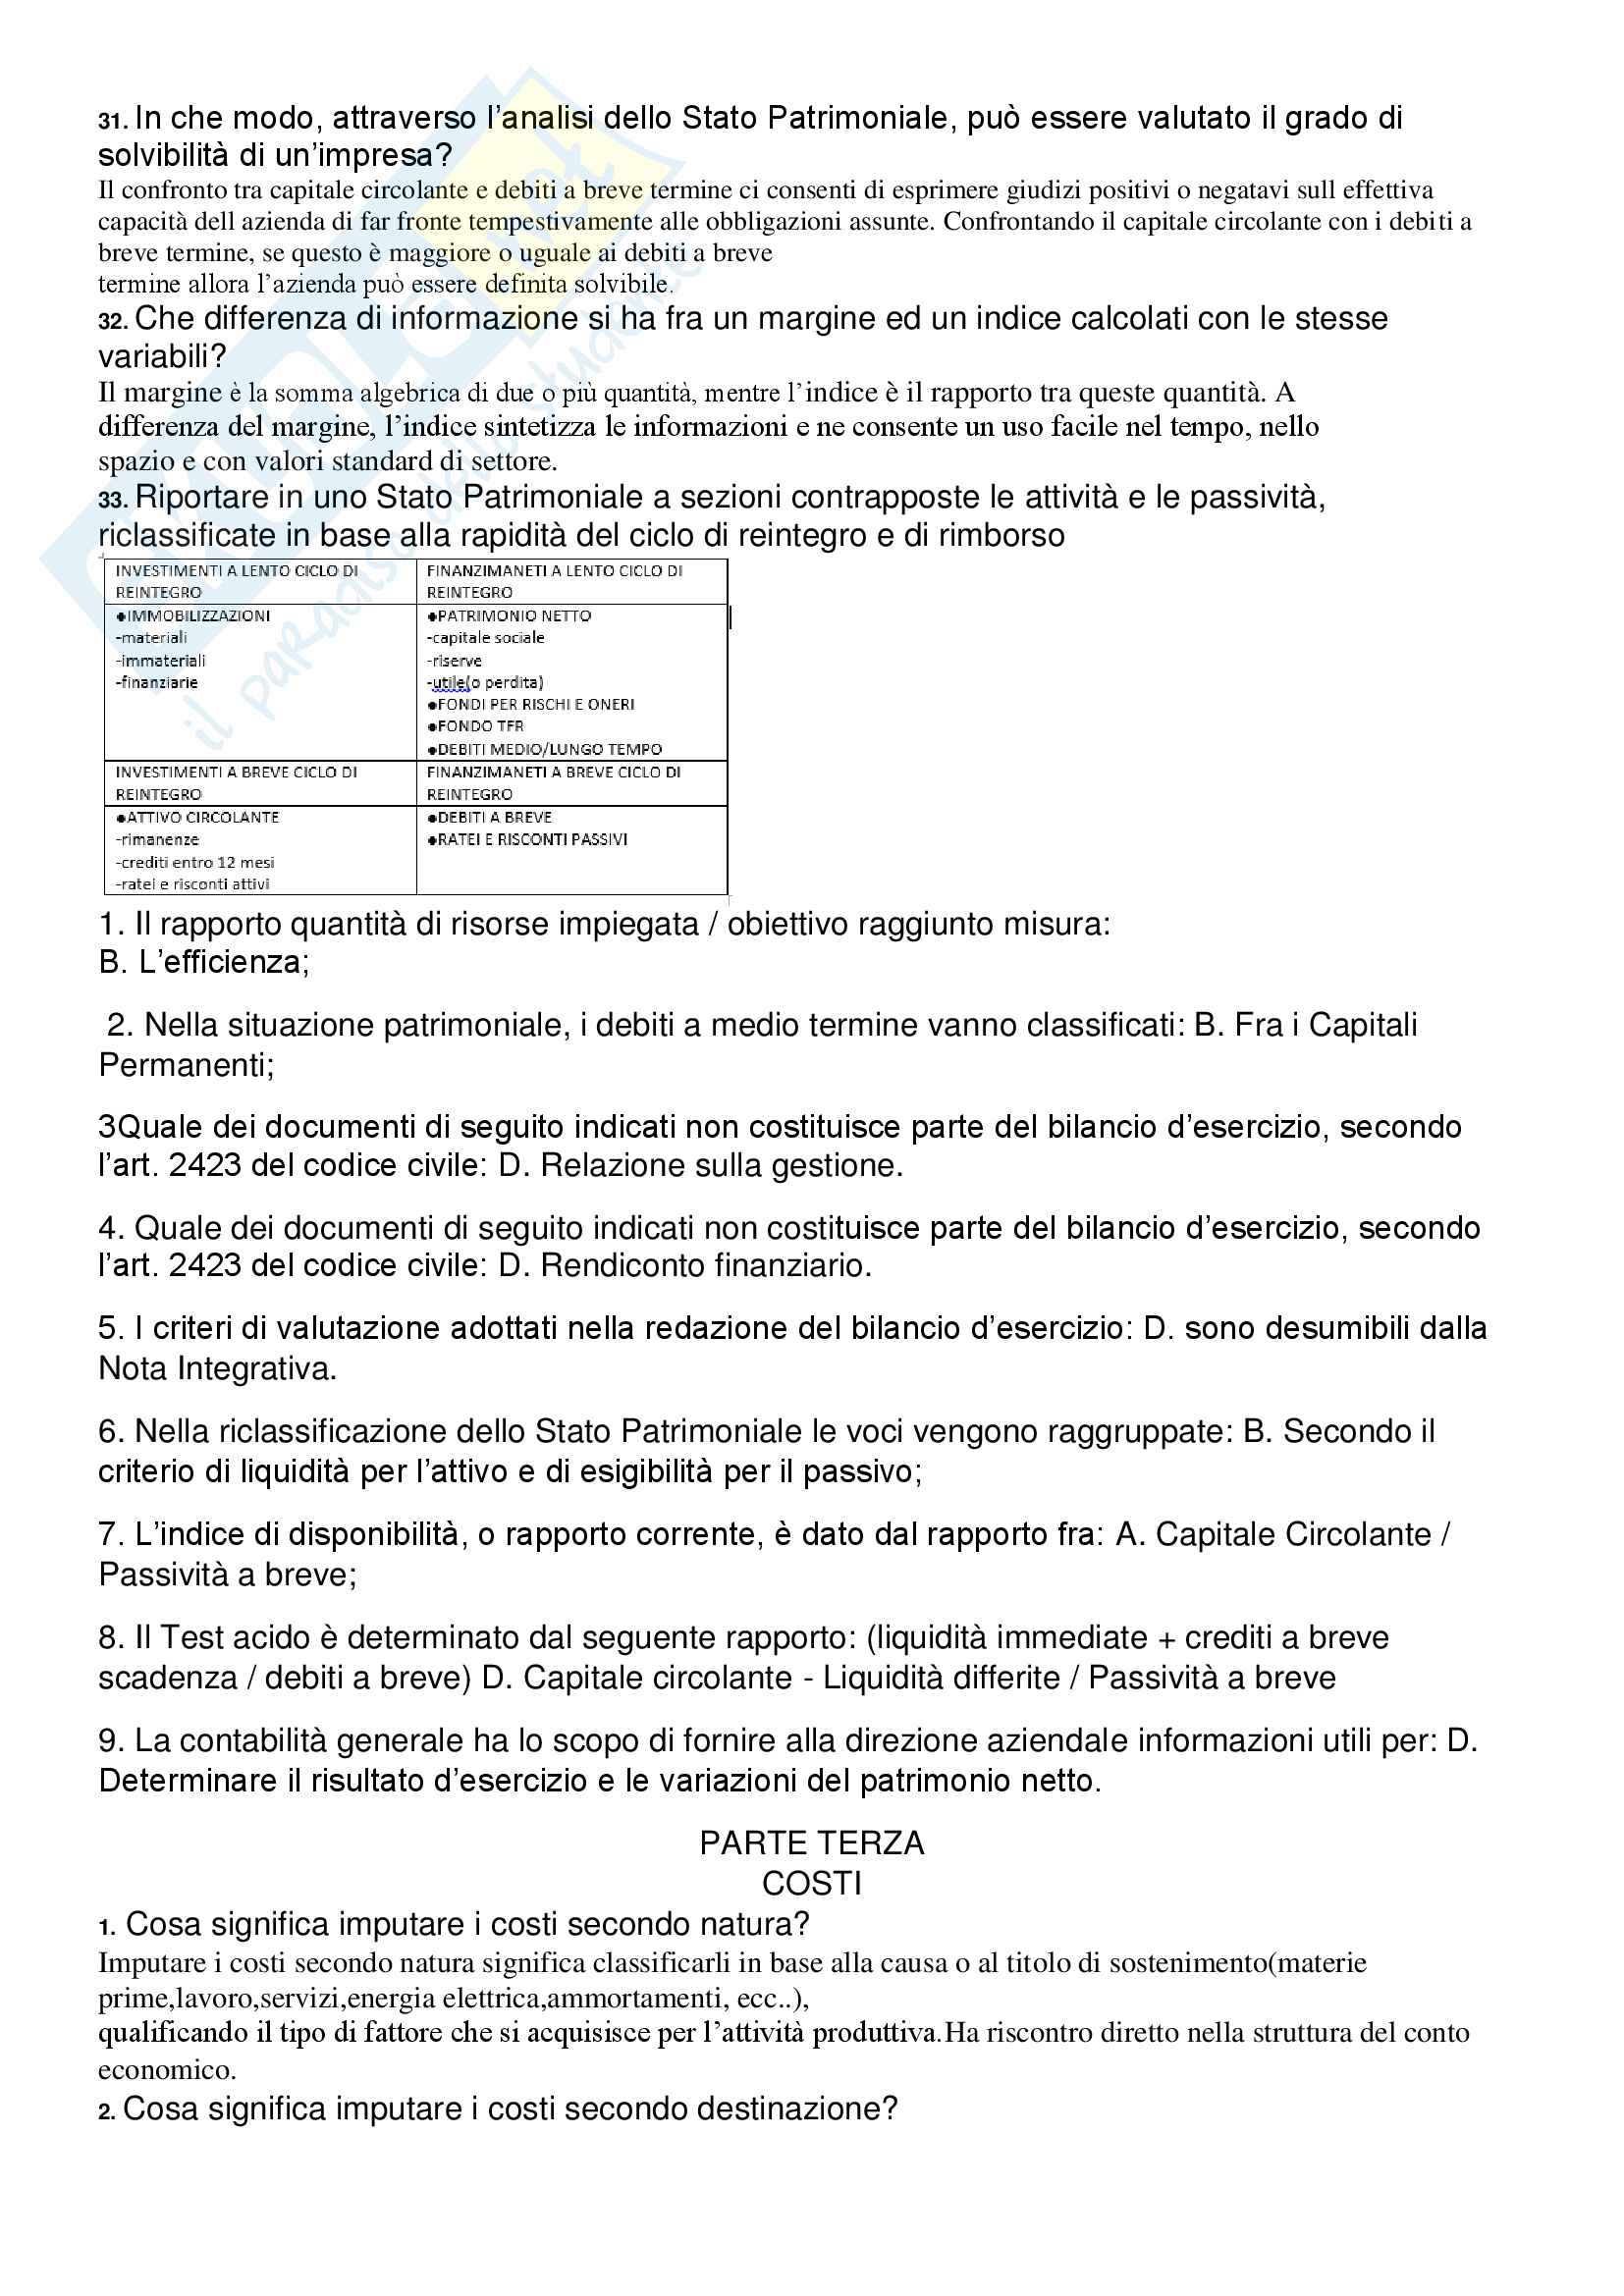 Economia aziendale - 214 domande d'esame con risposta Pag. 16